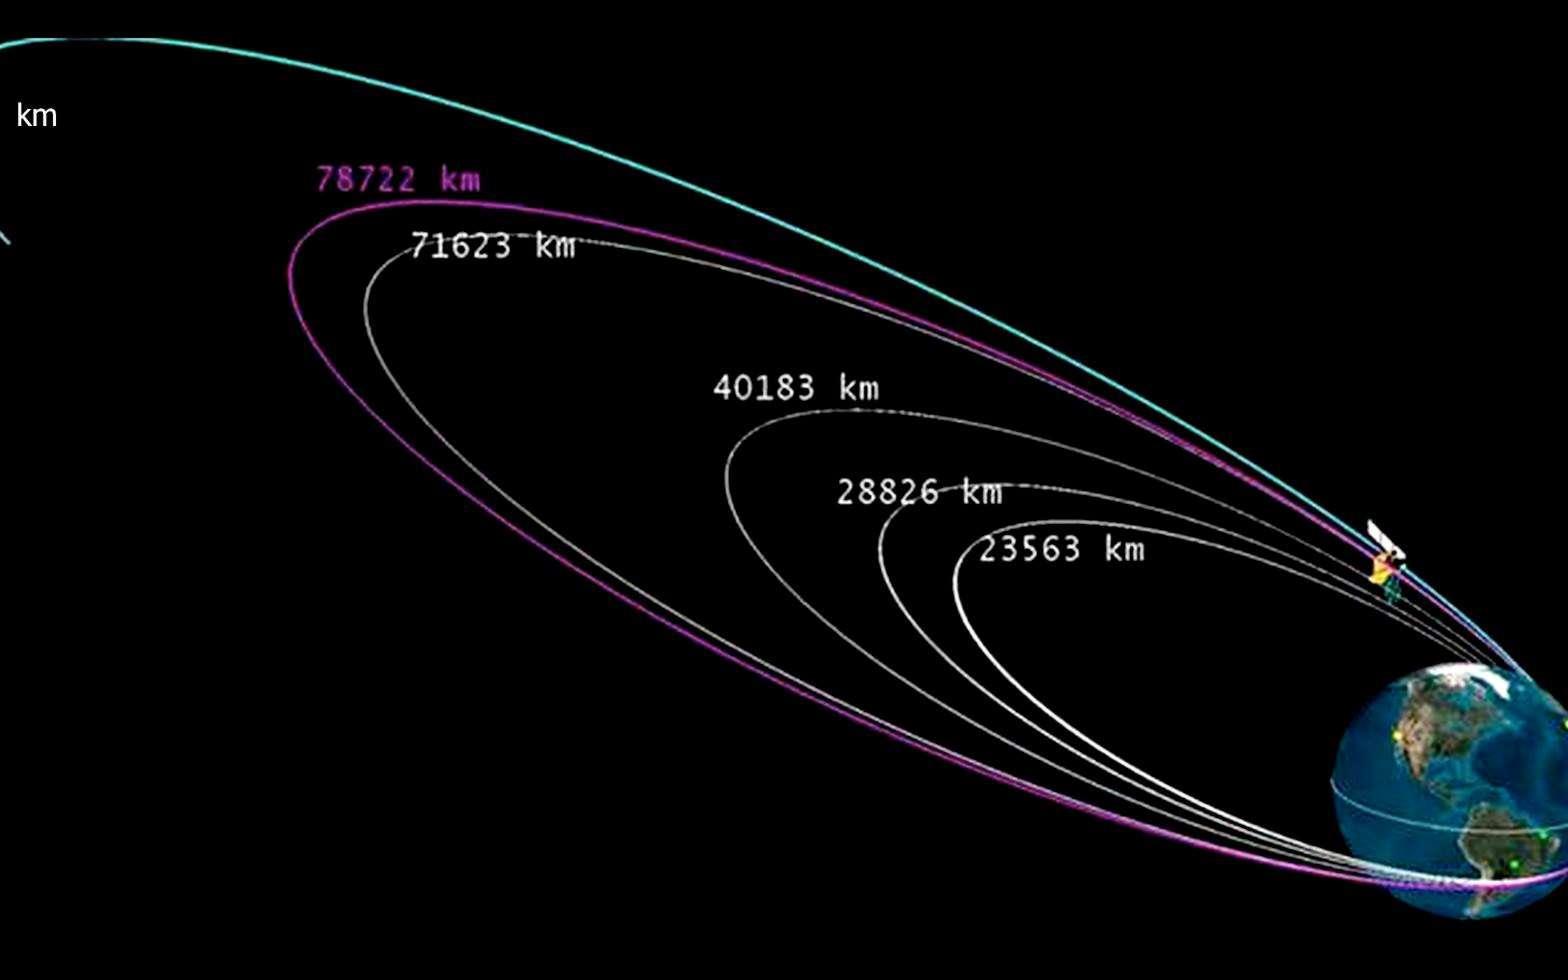 Ce schéma montre les quatre premiers apogées de la sonde Maangalyaan autour de la Terre. La quatrième manœuvre, qui devait l'amener de 71.623 km à quelque 100.000 kilomètres, s'est soldée par un échec. La sonde s'est retrouvée à seulement 78.722 km et une vitesse trop faible. La manœuvre réalisée le 12 novembre dans l'urgence a permis d'amener Maangalyaan à 118.642 km et d'augmenter sa vitesse. © Isro